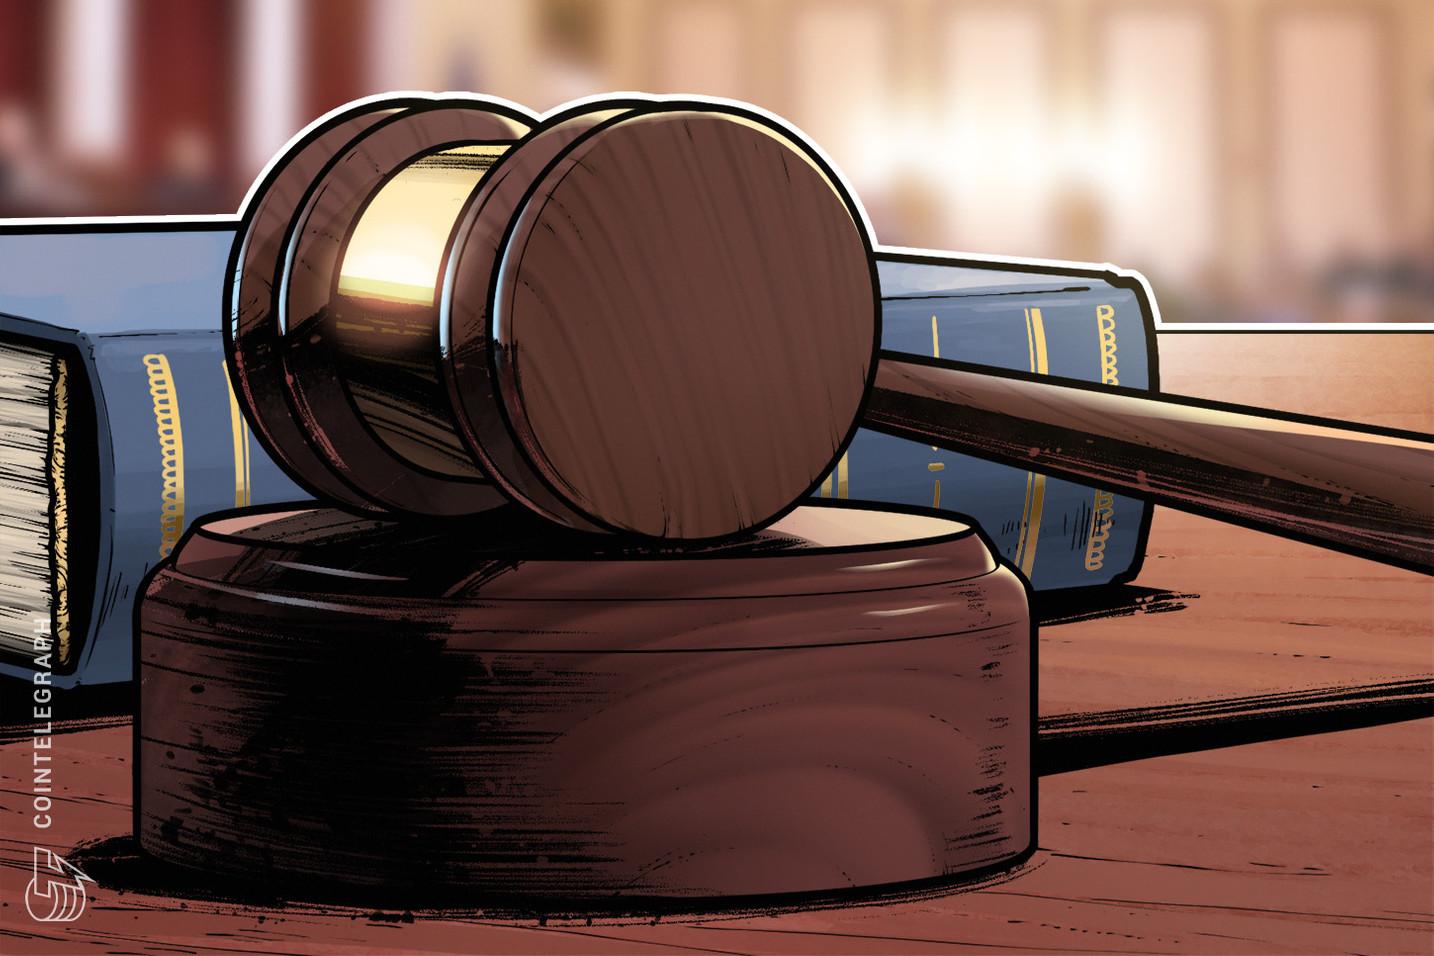 Un jefe de policía corrupto fue condenado a 8 años por jugarretas en la dark web